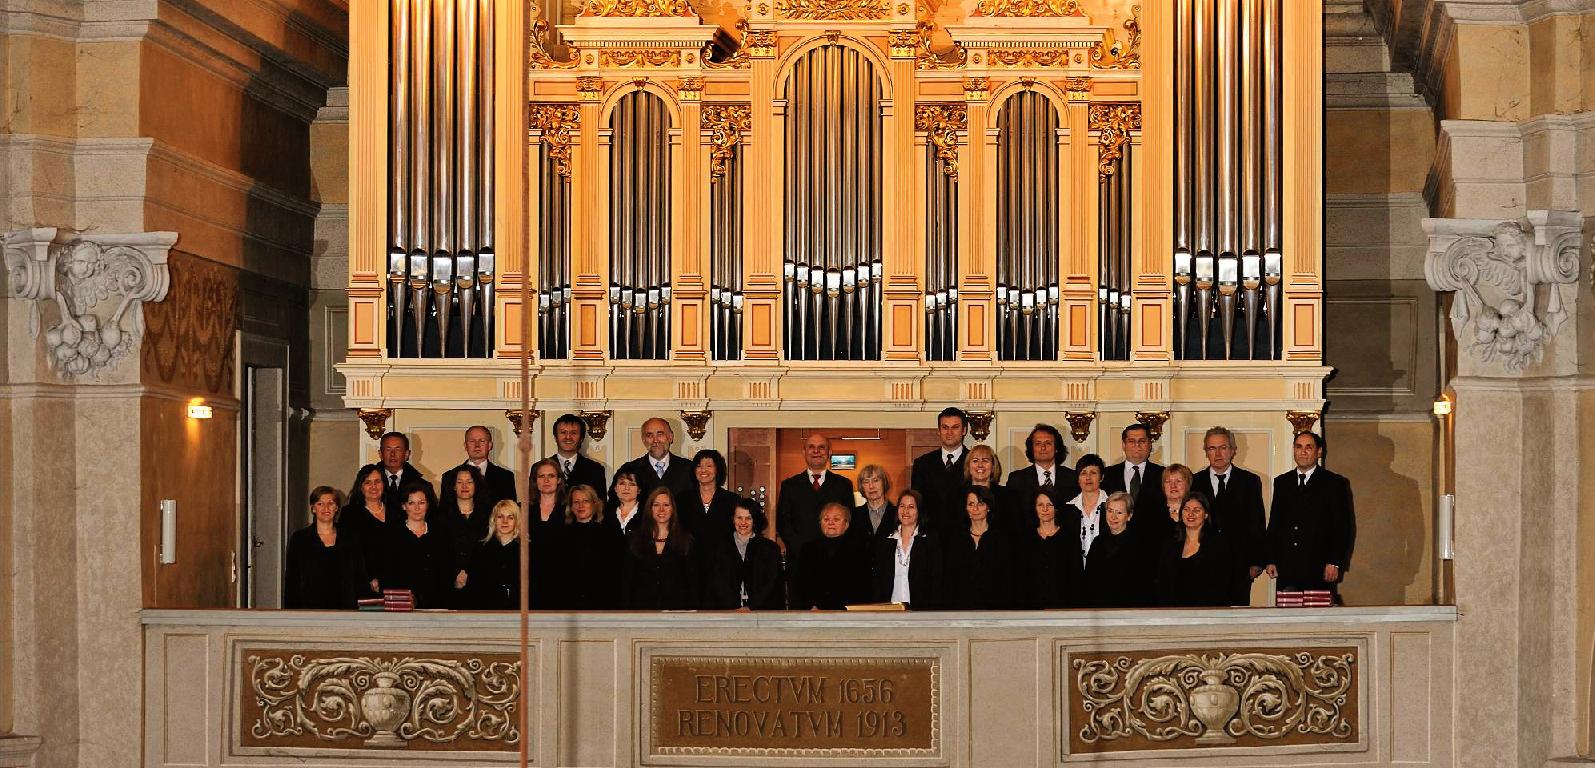 Musica Sacra Lockenhaus   Alle Mitglieder   Leitung Wolfgang Horvath